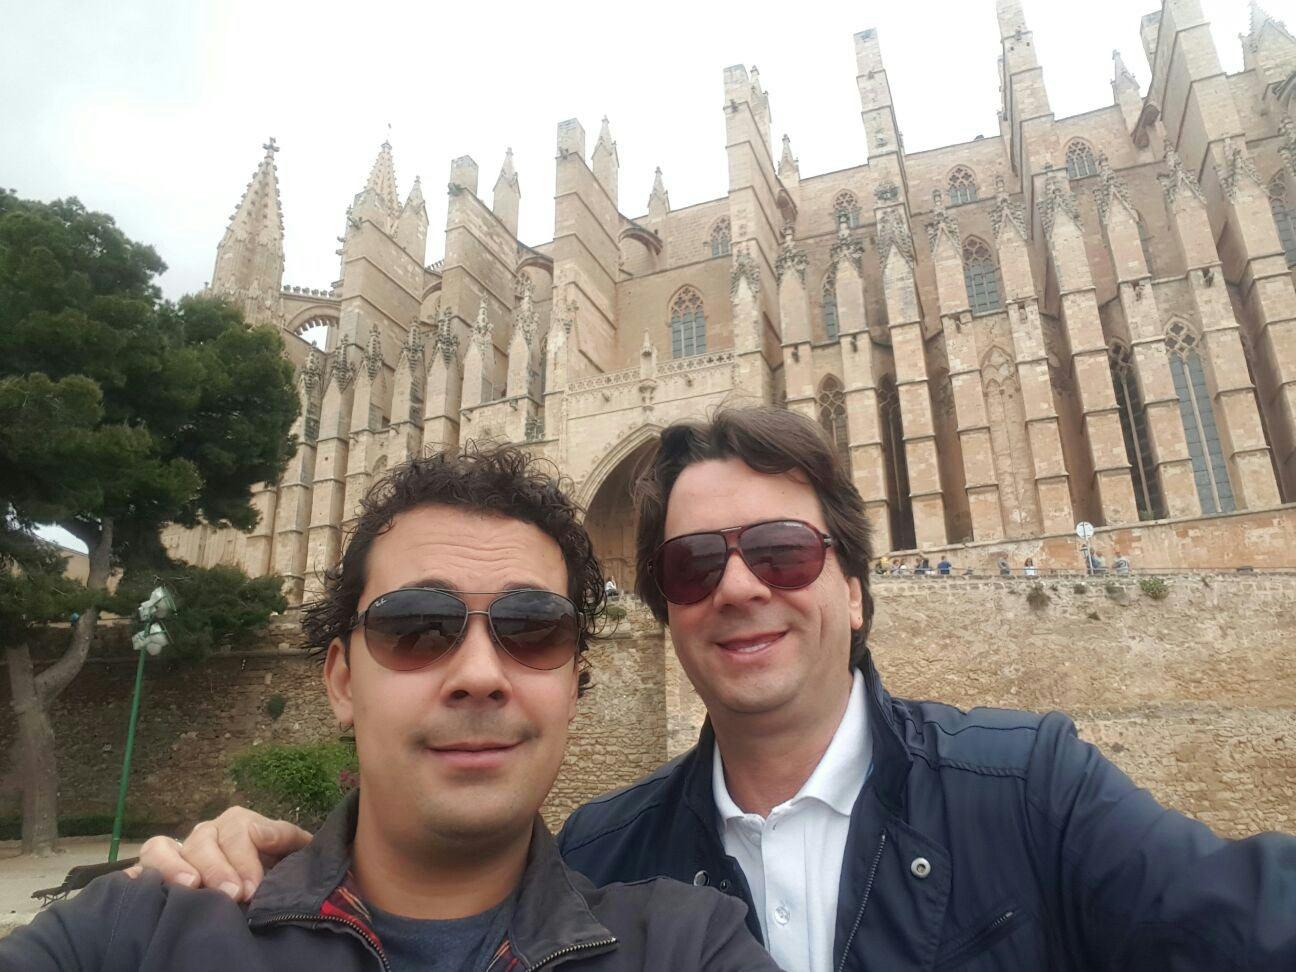 Jose Miguel y Pepe con la Catedral de Palma de Mallorca.